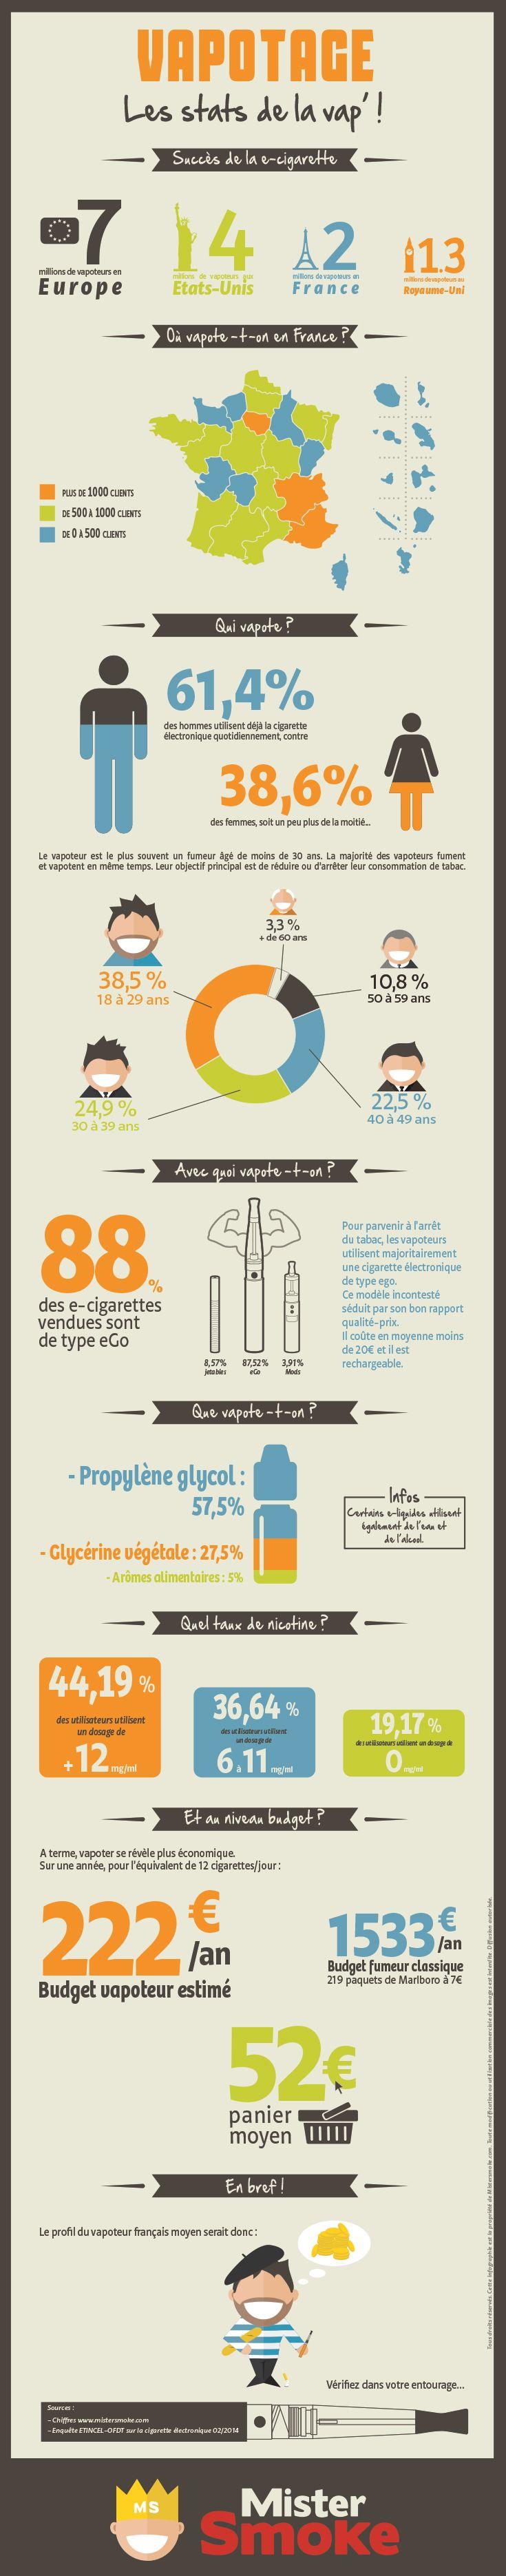 Infographie cigarette électronique 2014